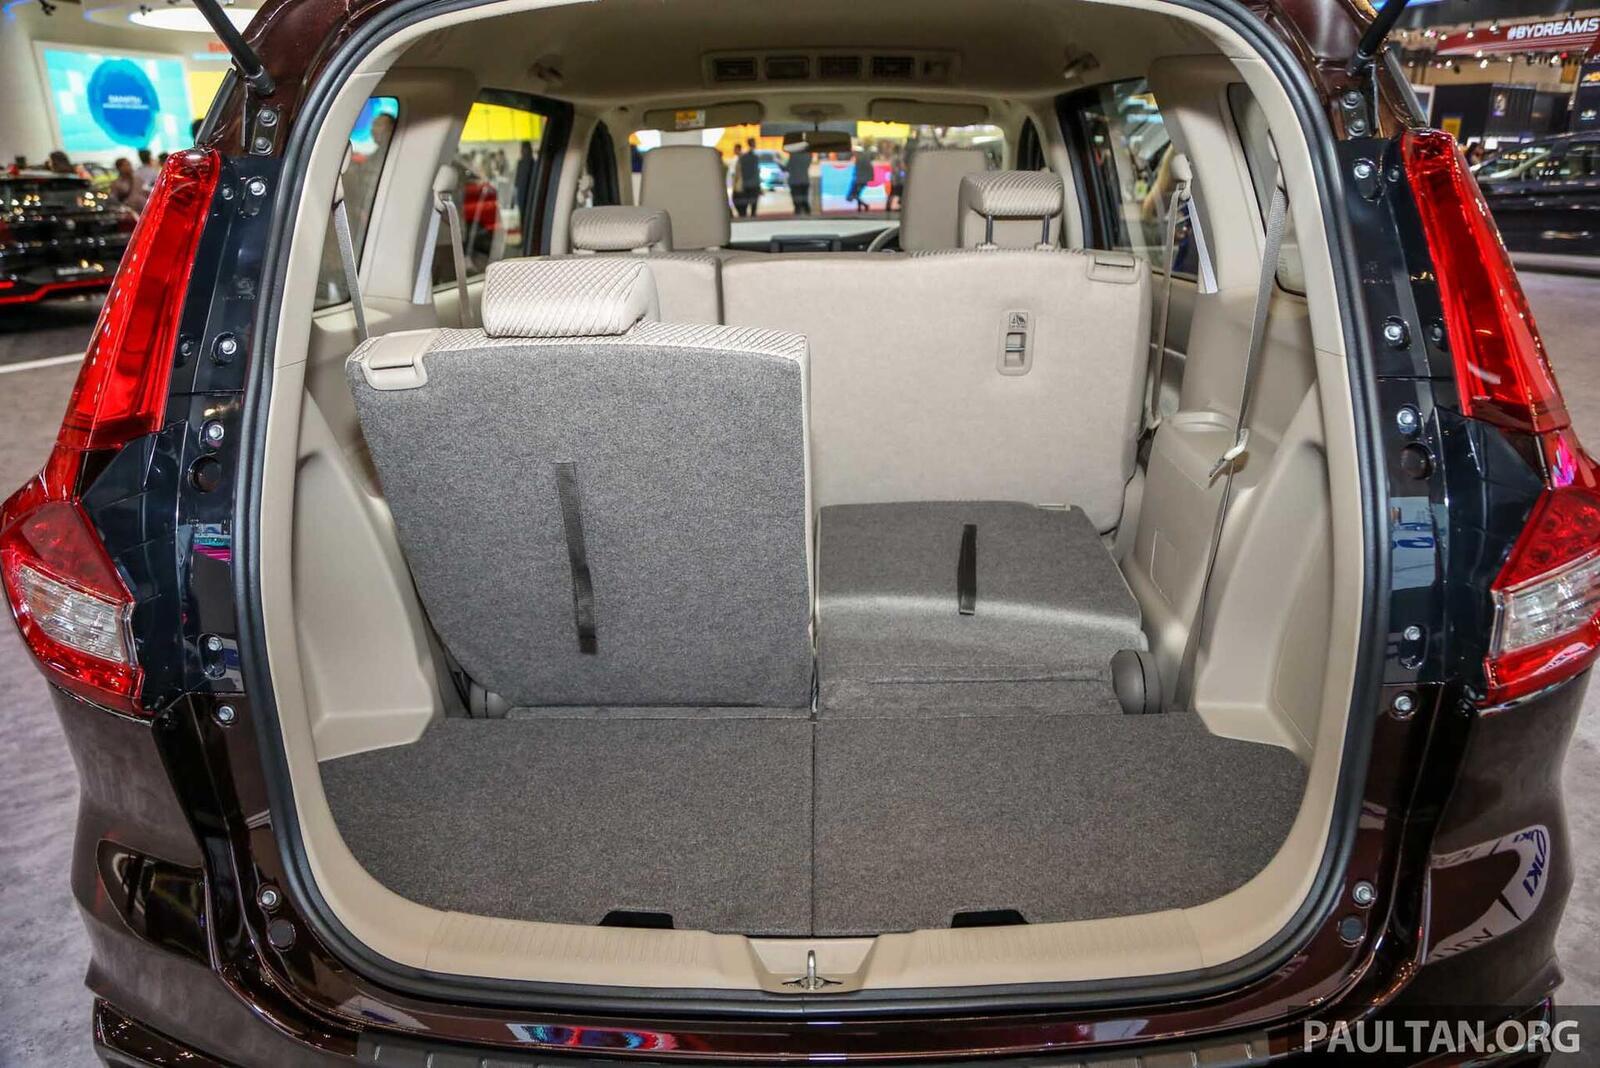 Suzuki Ertiga thế hệ mới có giá từ 486 triệu đồng tại Thái Lan; chưa hẹn ngày về Việt Nam - Hình 12